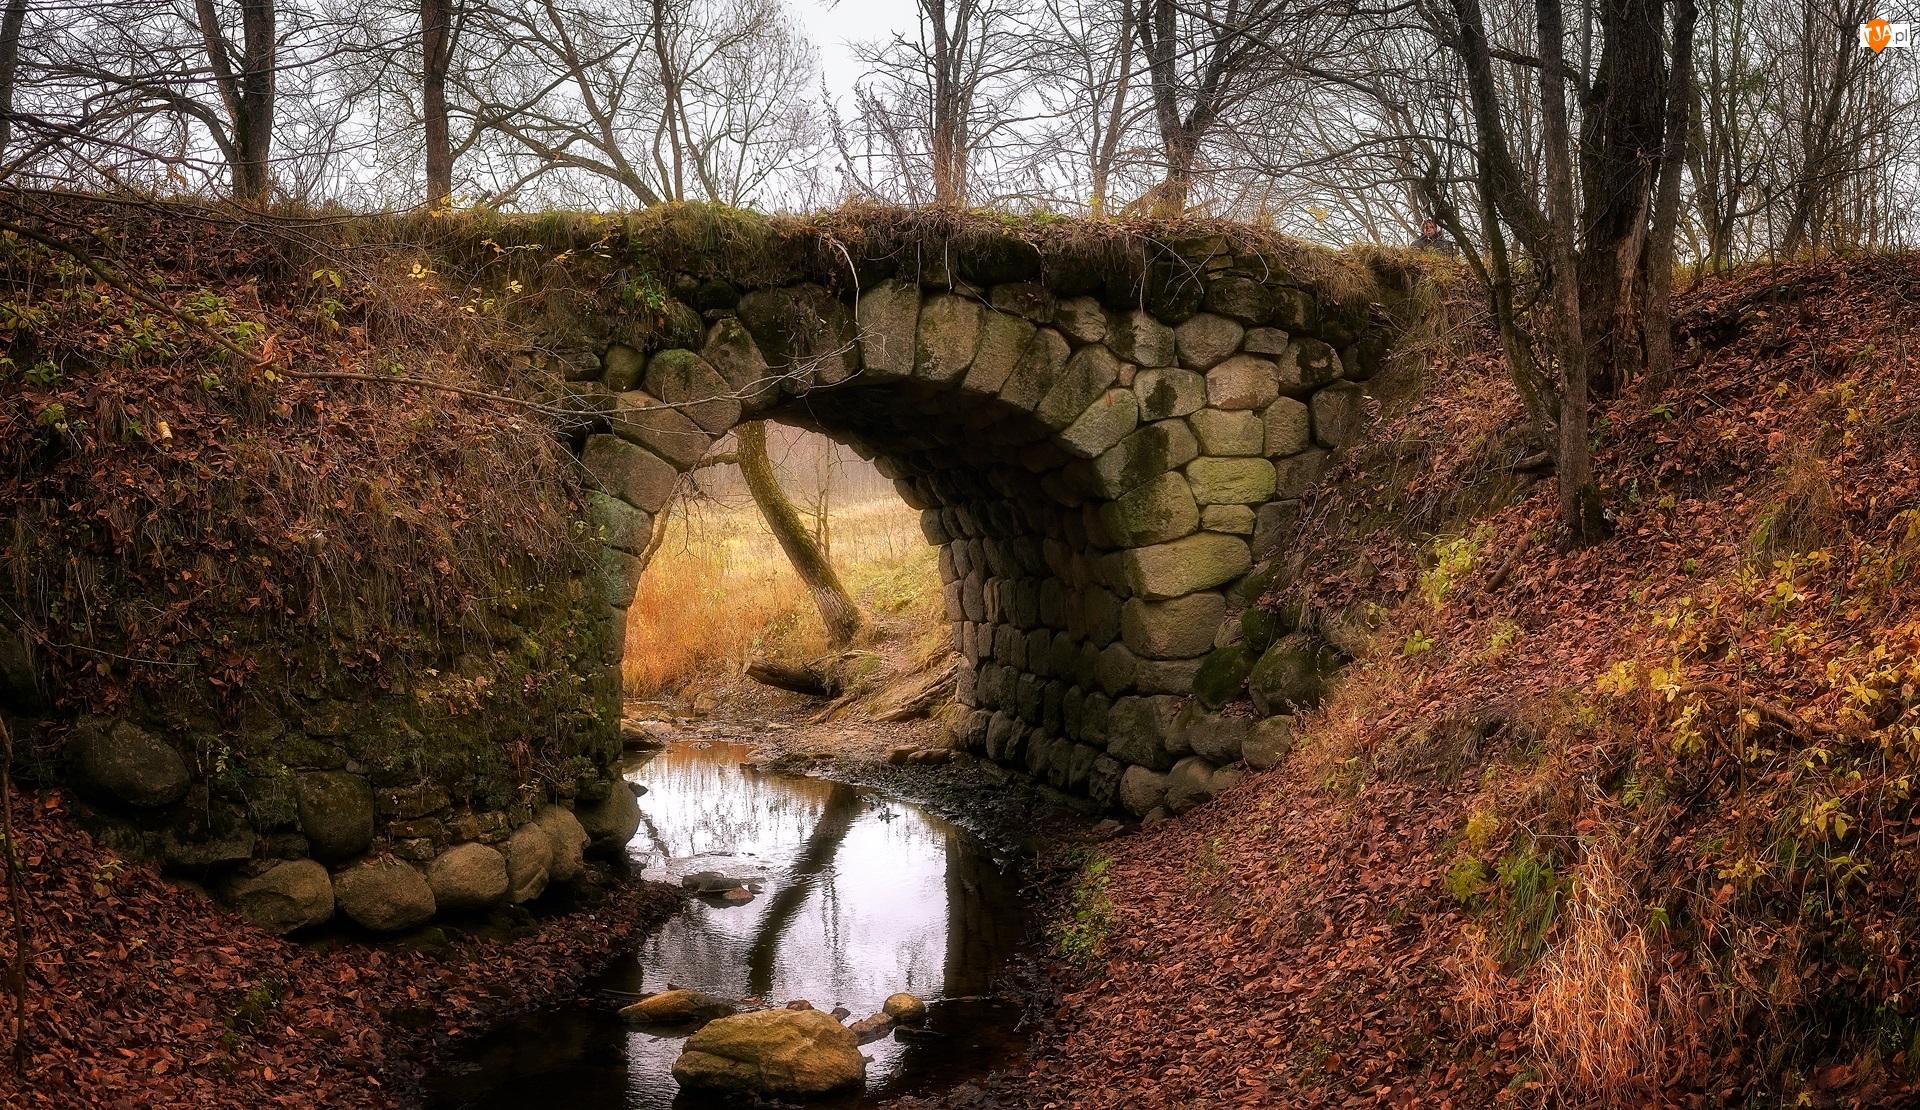 Rzeka, Jesień, Most, Drzewa, Kamienny, Kamienie